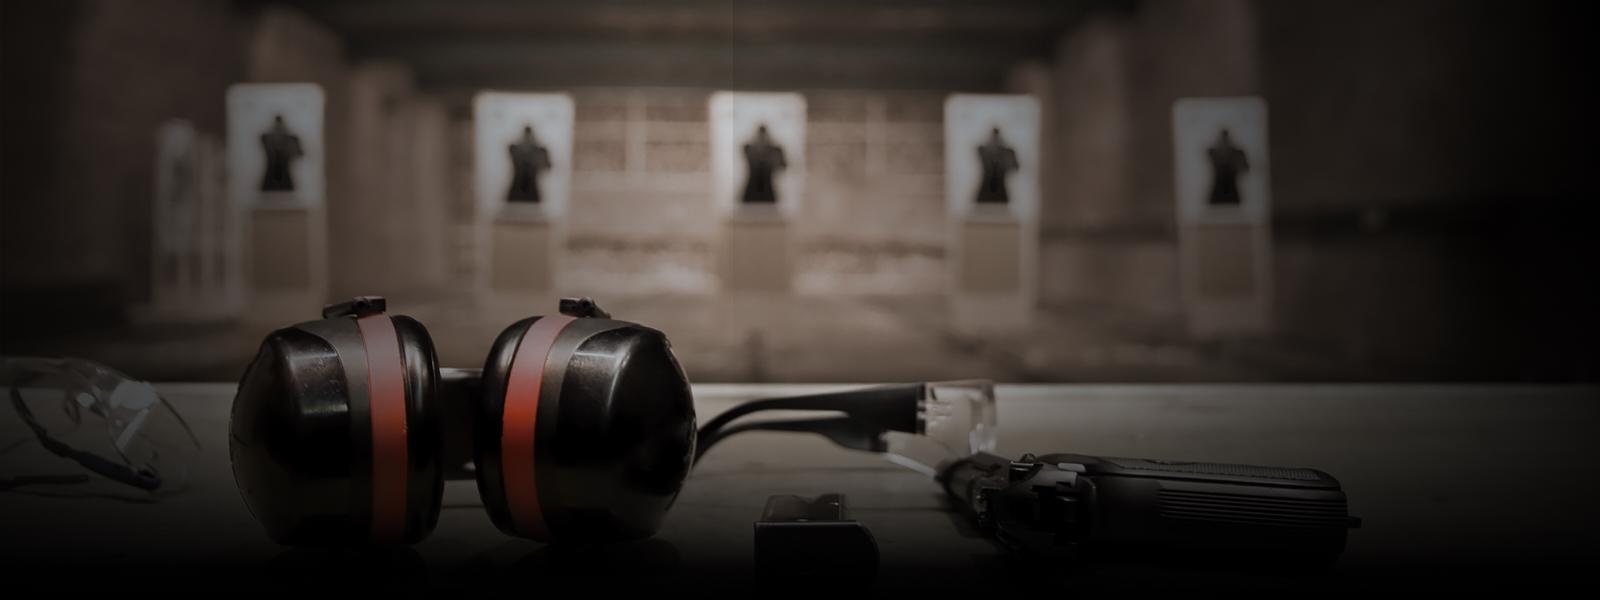 Handgun Safety and Marksmanship Fundamentals